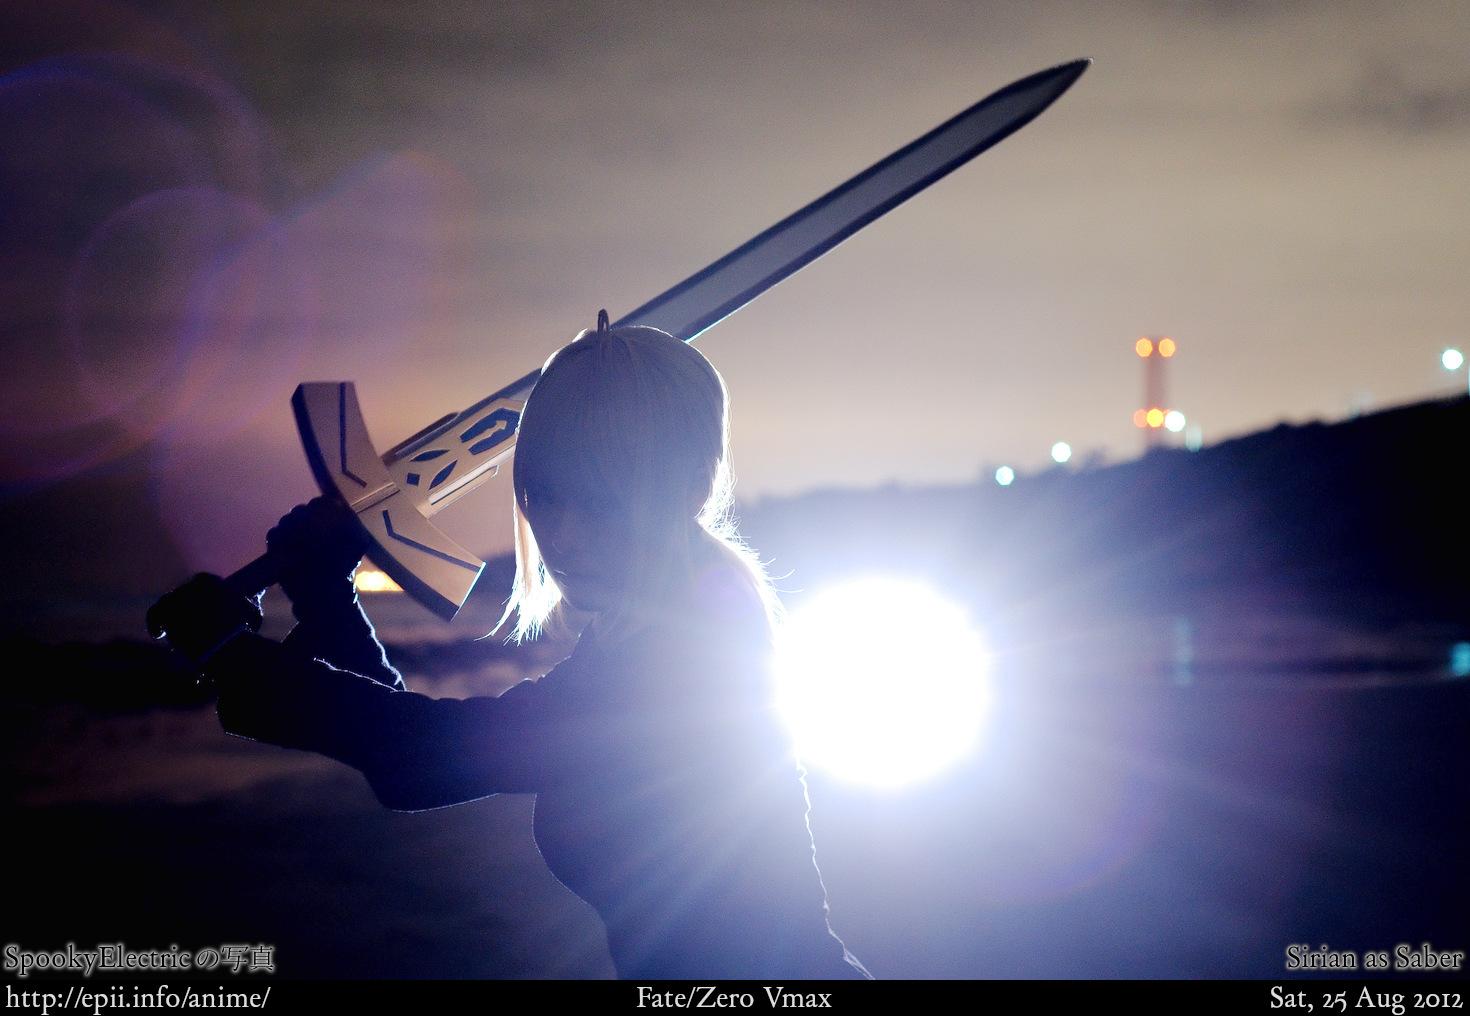 1470 x 1016 843 x 585 639 x 444 470 x 328 96 x 64: epii.info/anime/2012/saber/fate-zero-saber-3921